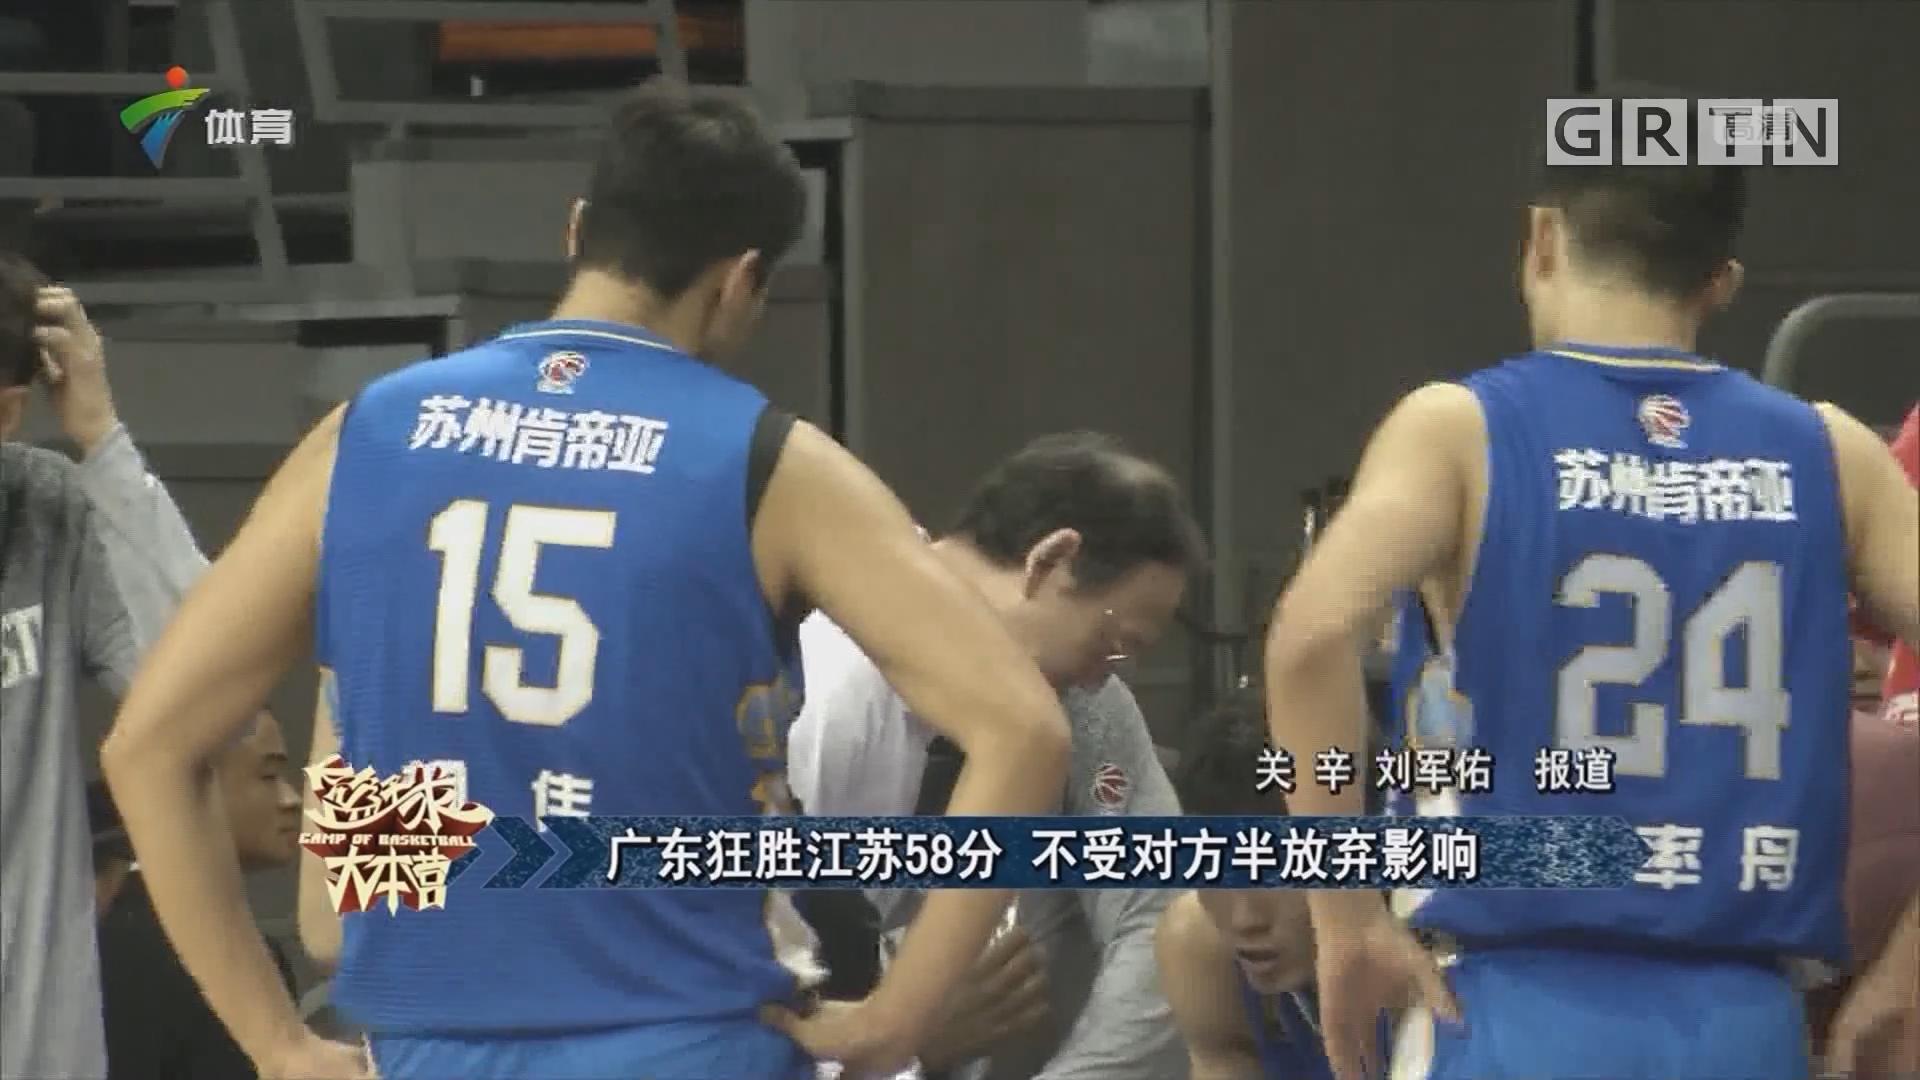 广东狂胜江苏58分 不受对方半放弃影响